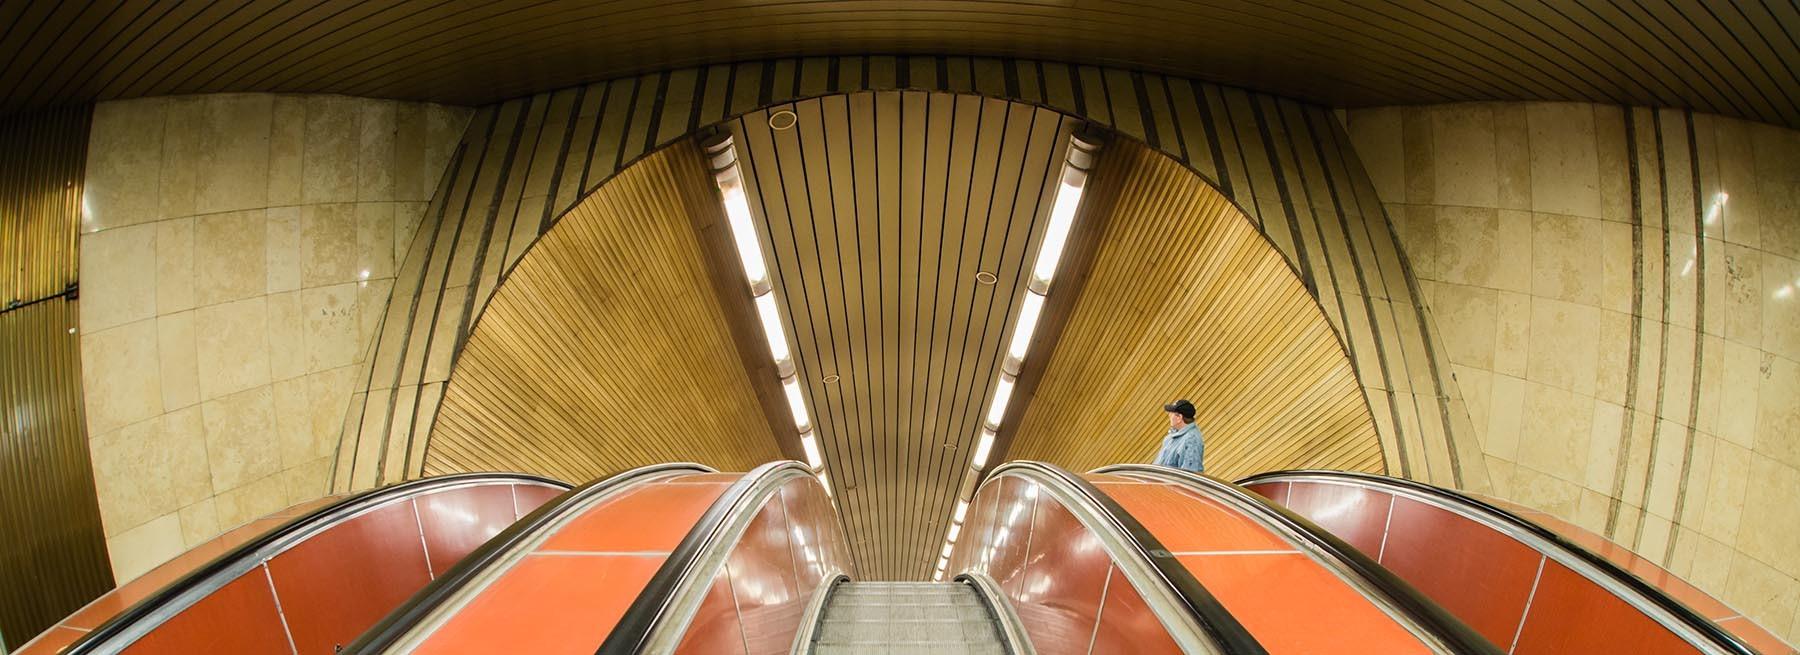 Schody ruchome w praskim metrze